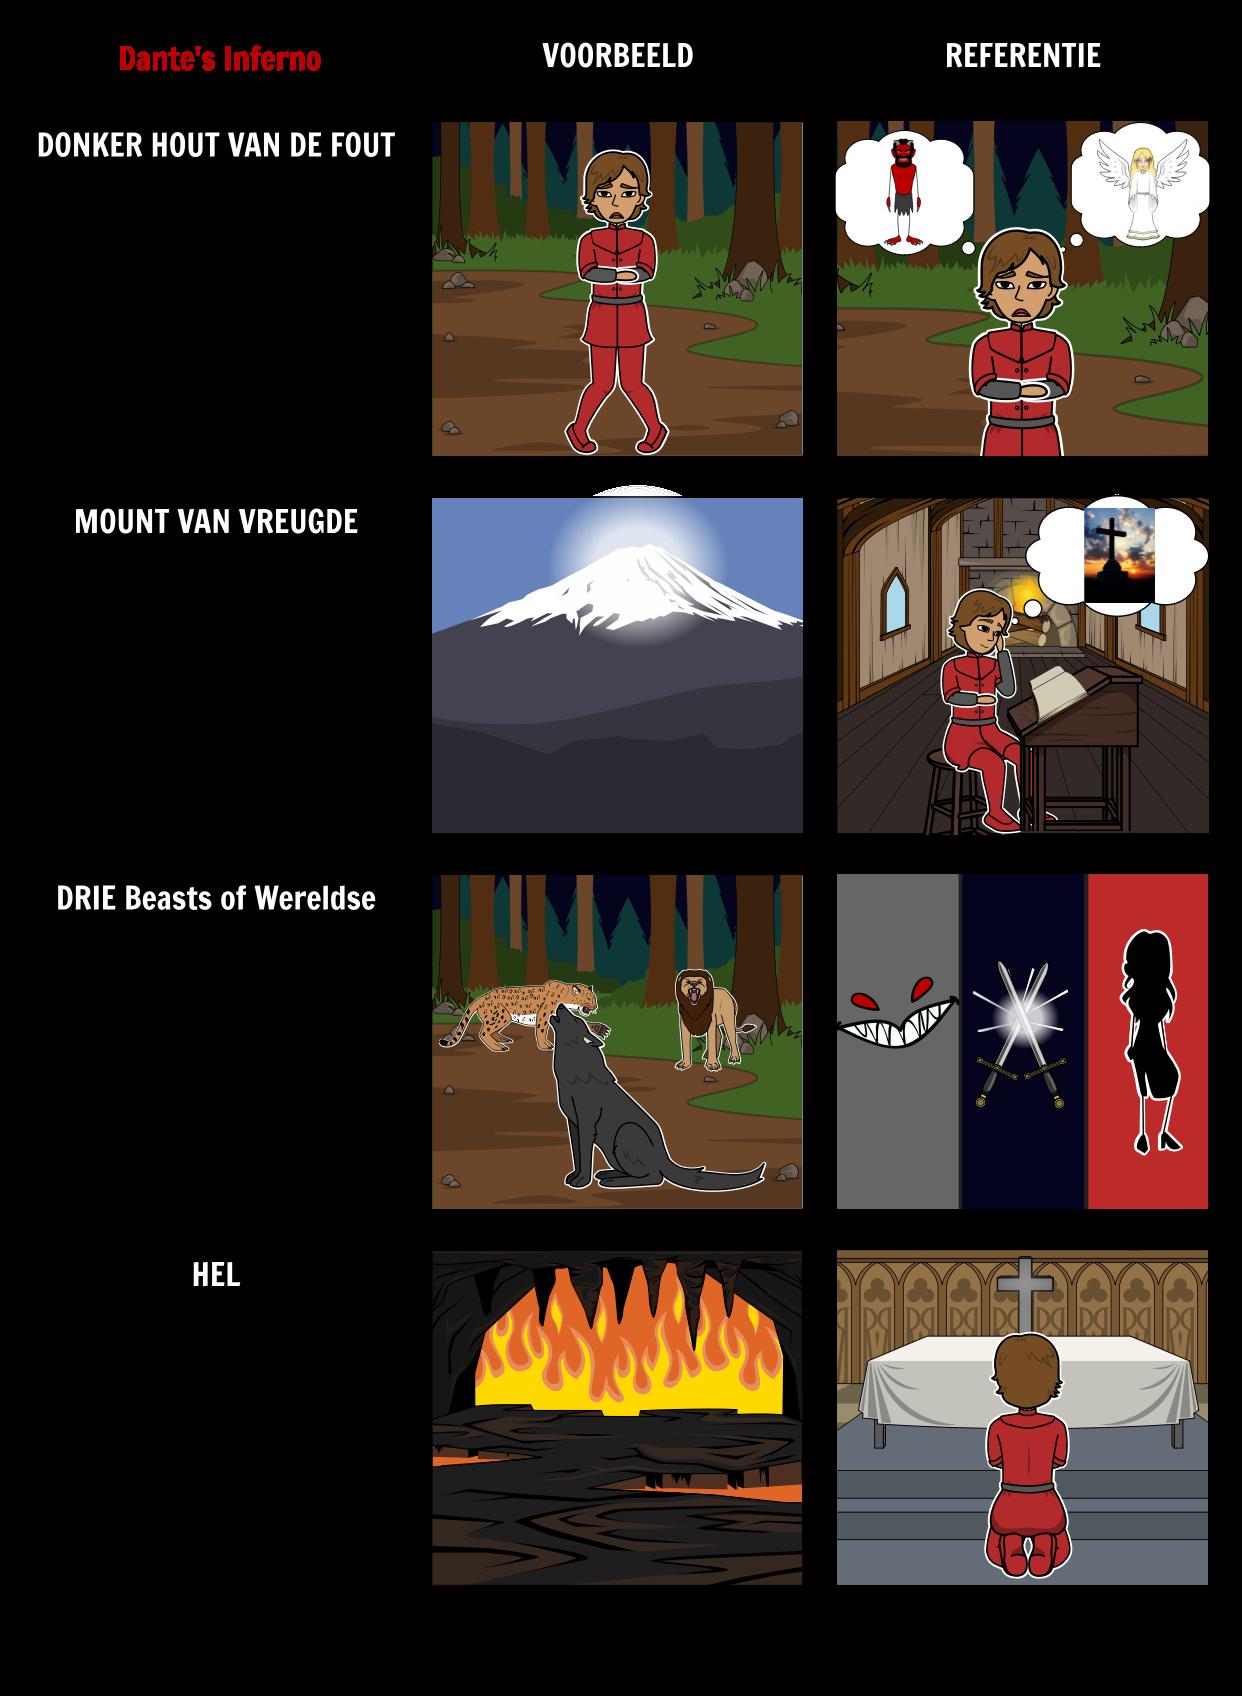 Dante's Inferno - Herkennen Allegorie